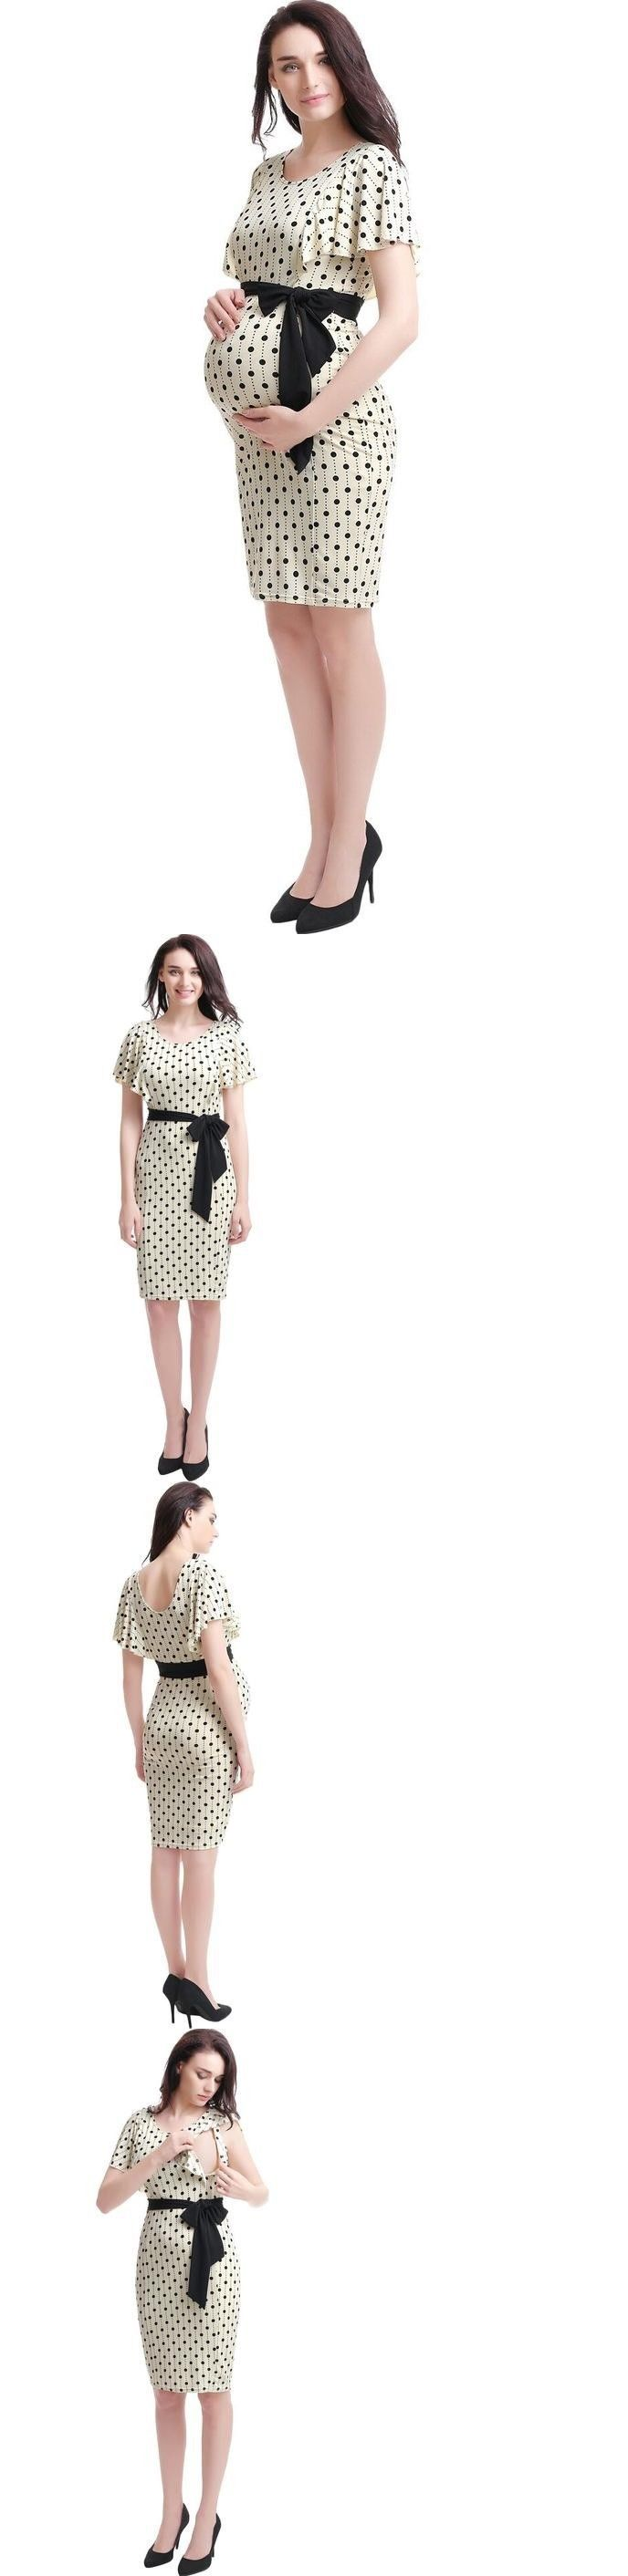 25 legjobb tlet a pinteresten a kvetkezvel kapcsolatban polka dresses 11534 kimi kai beige polka dot maternity dress buy it now ombrellifo Image collections